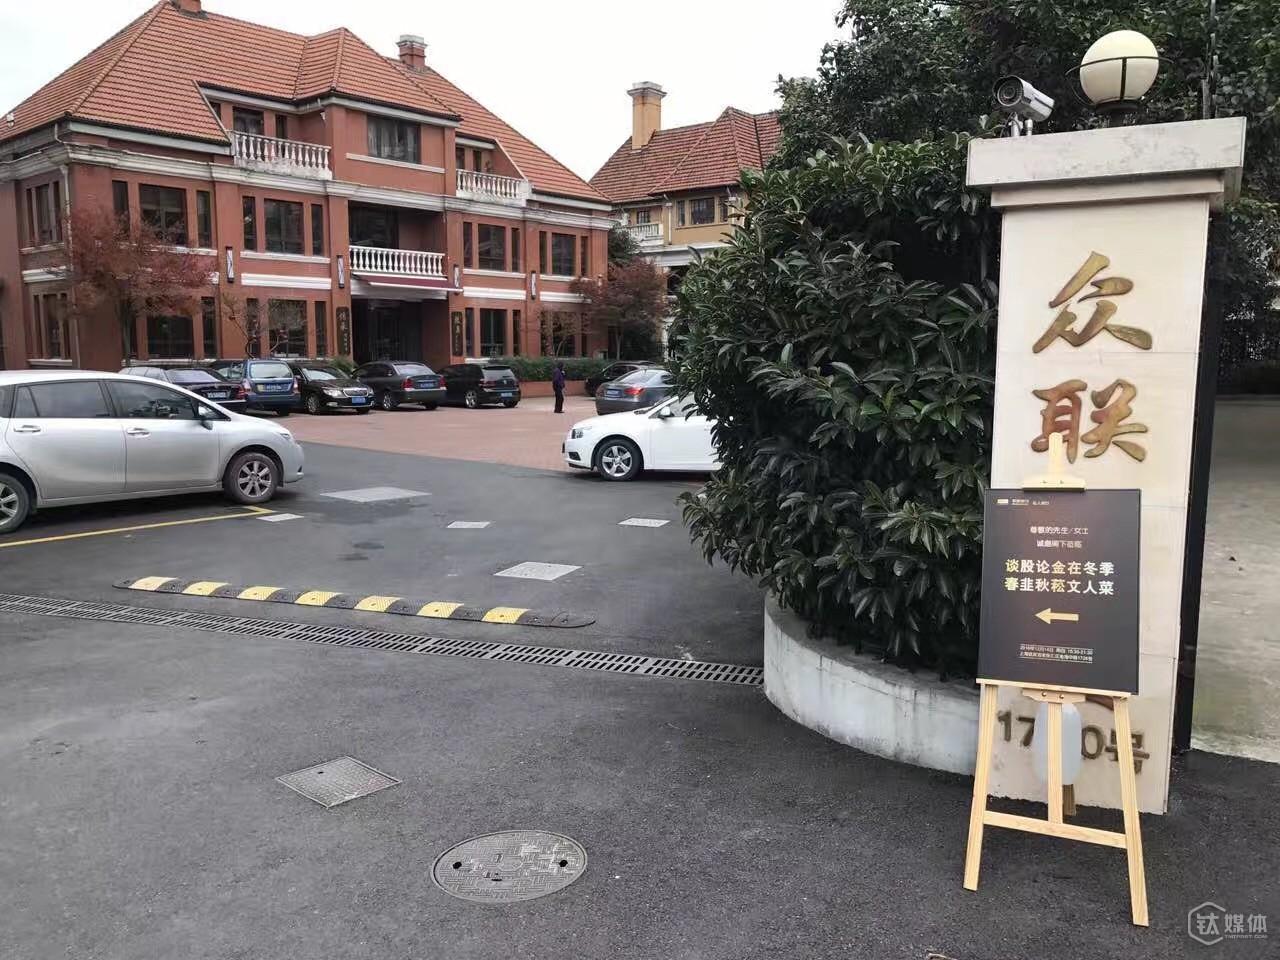 """一场最有钛度的雅集体验:在上海的老房子里品尝""""春韭秋菘"""""""